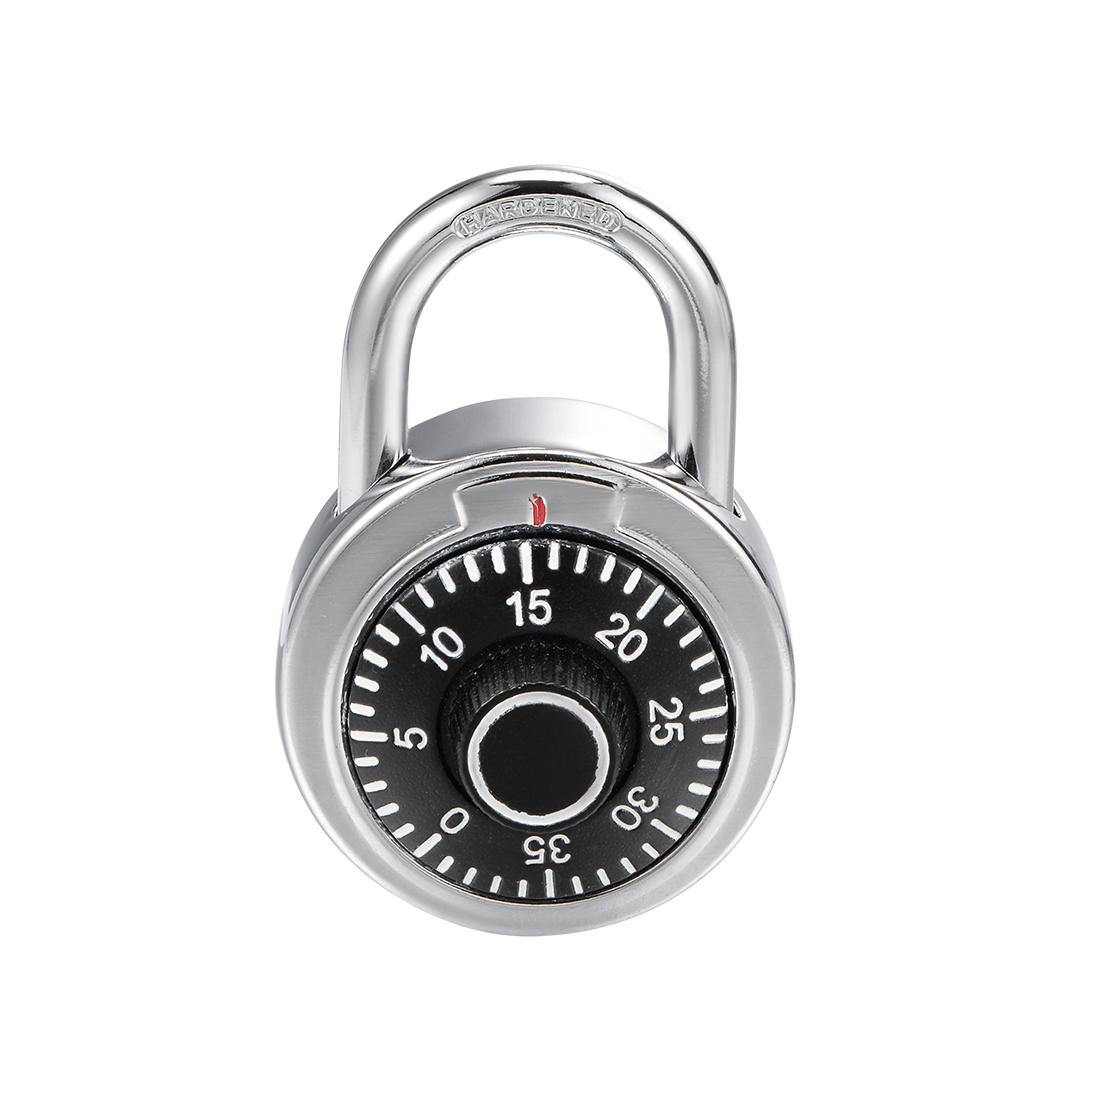 Combination Padlock Locker Lock 6mm Diameter Steel Shackle 45mm Body Width